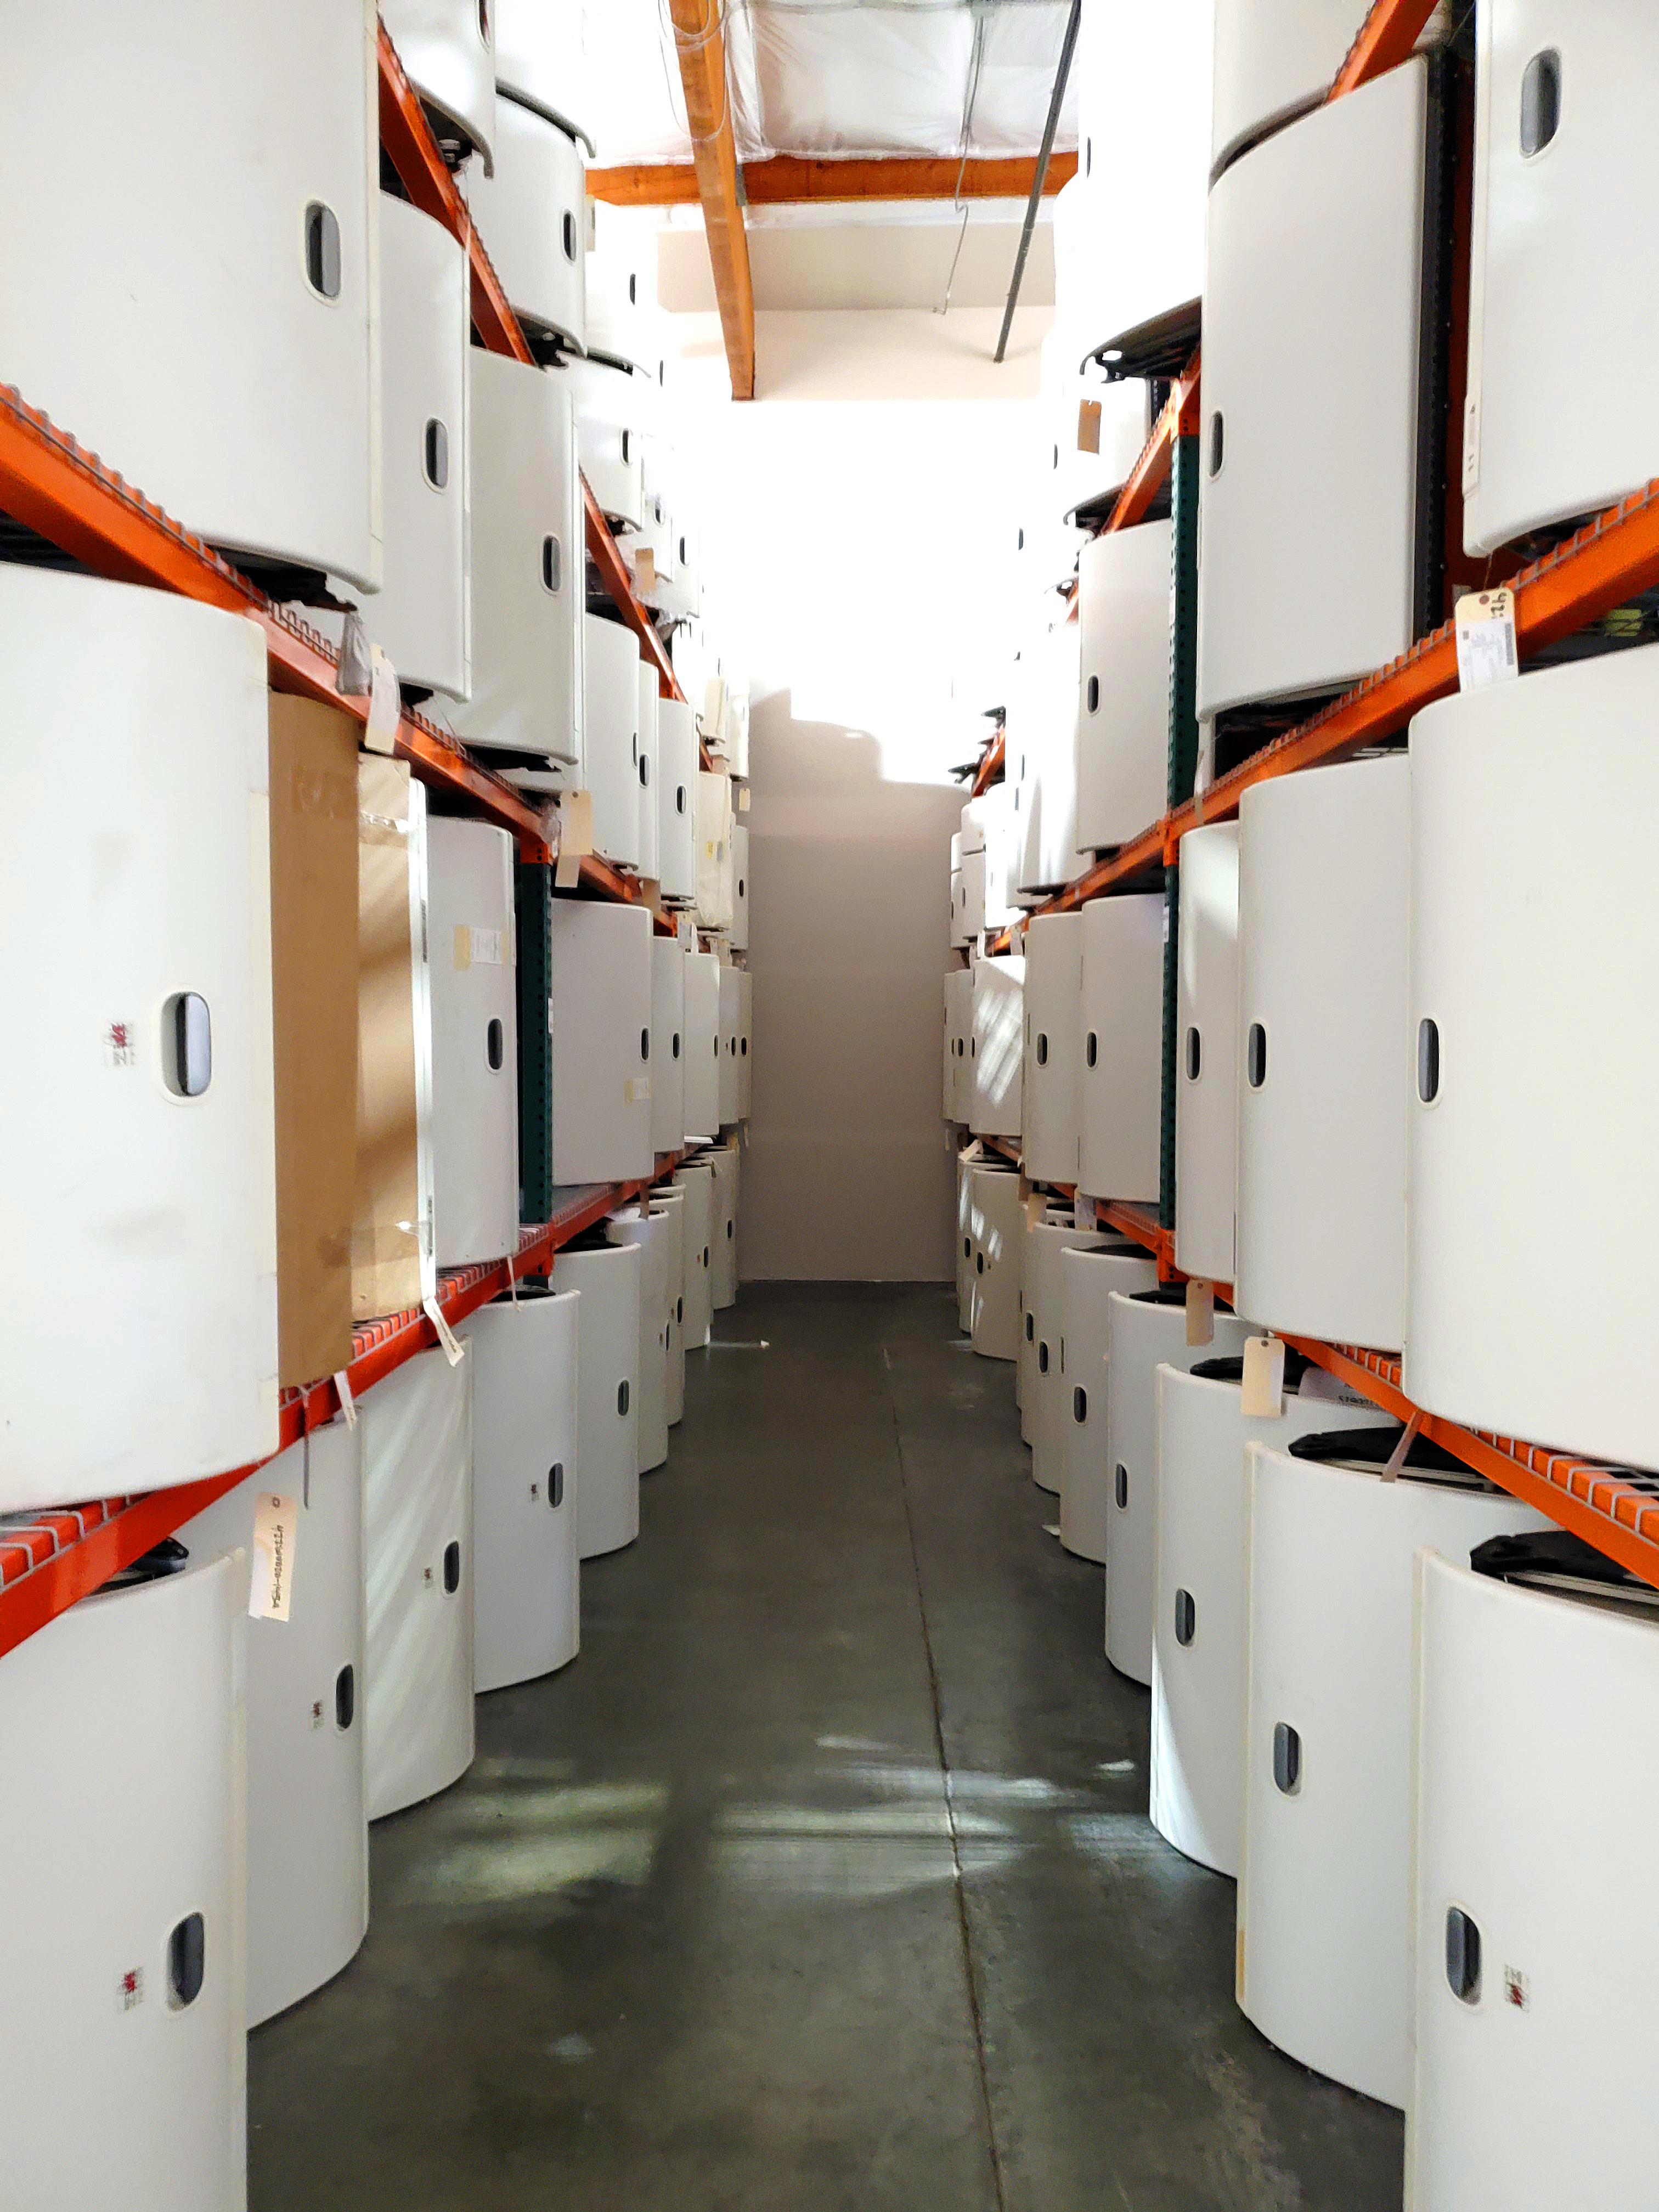 Bin Inventory